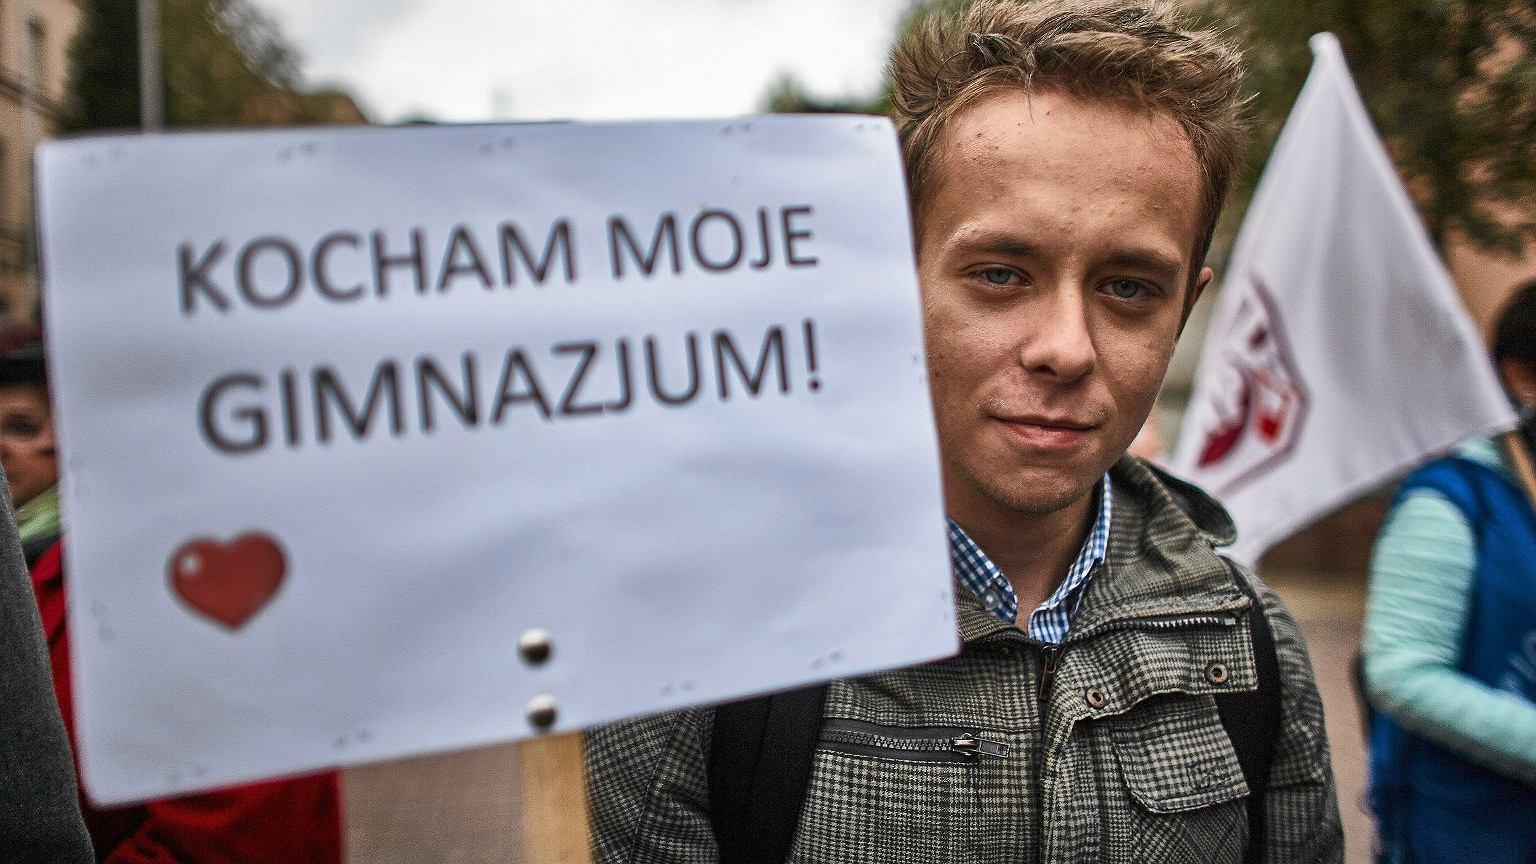 Reforma edukacji. Protest przeciwko likwidacji gimnazjów